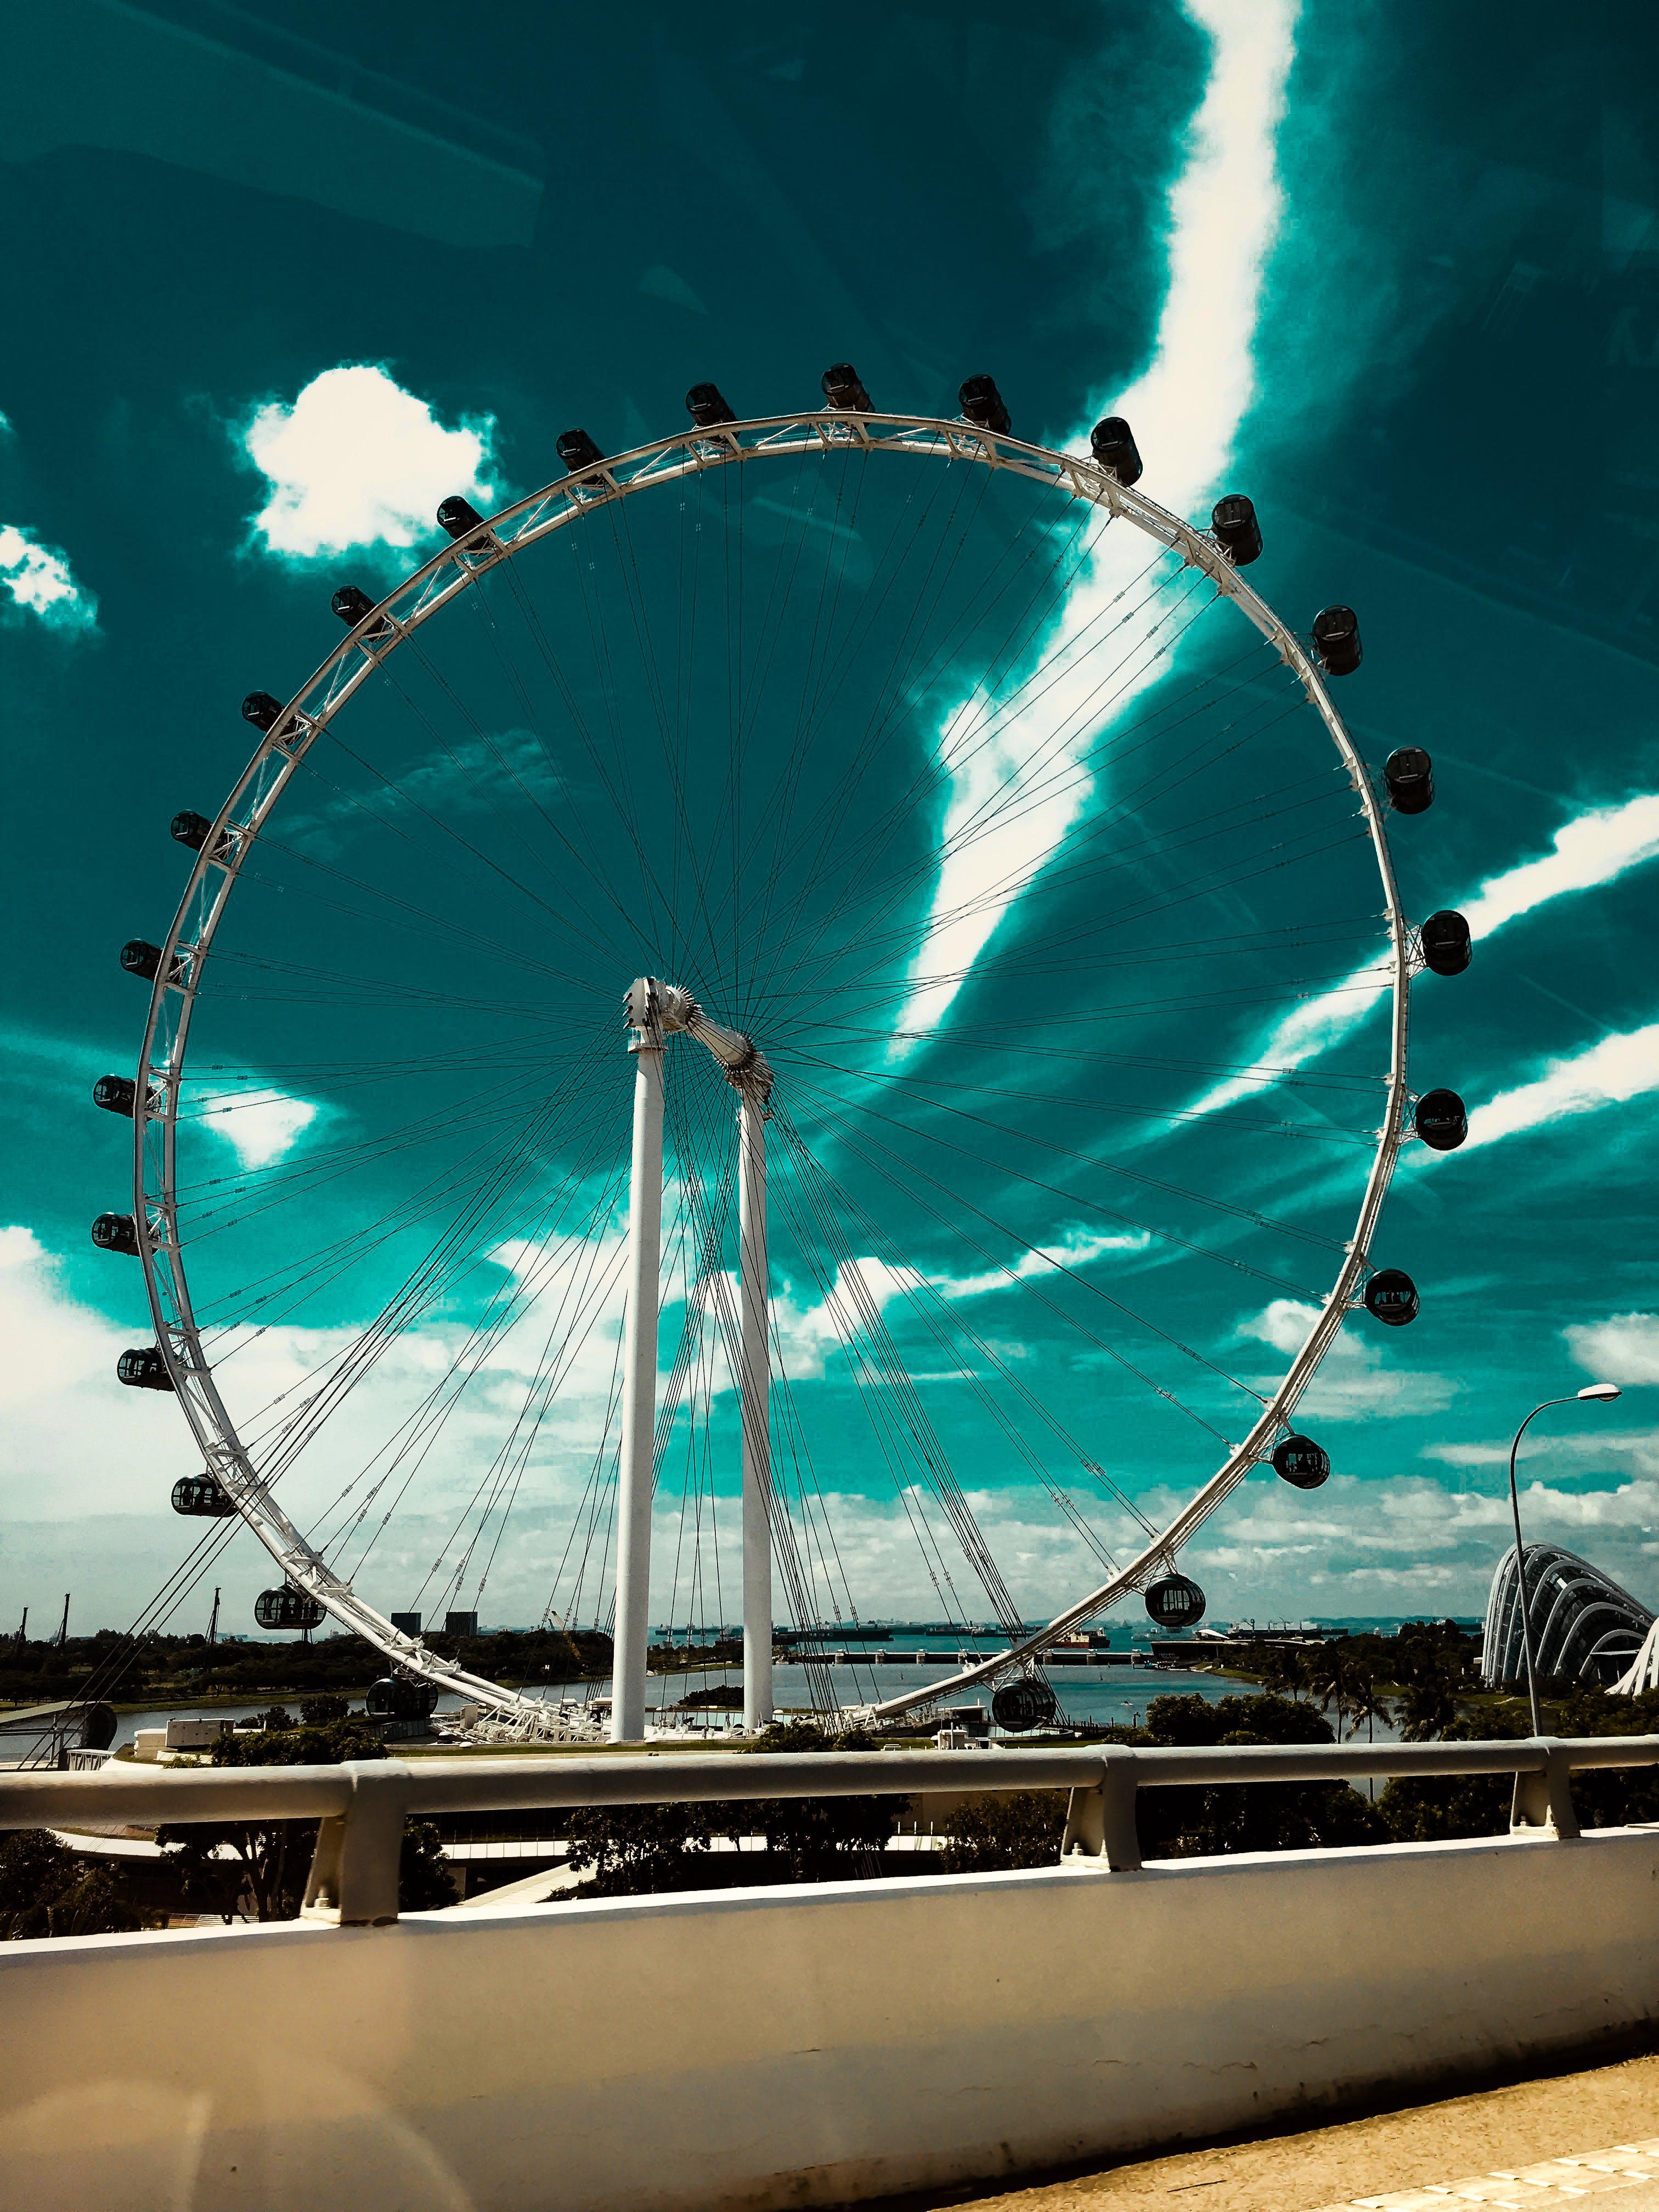 Ferris Wheel Beside the Sea